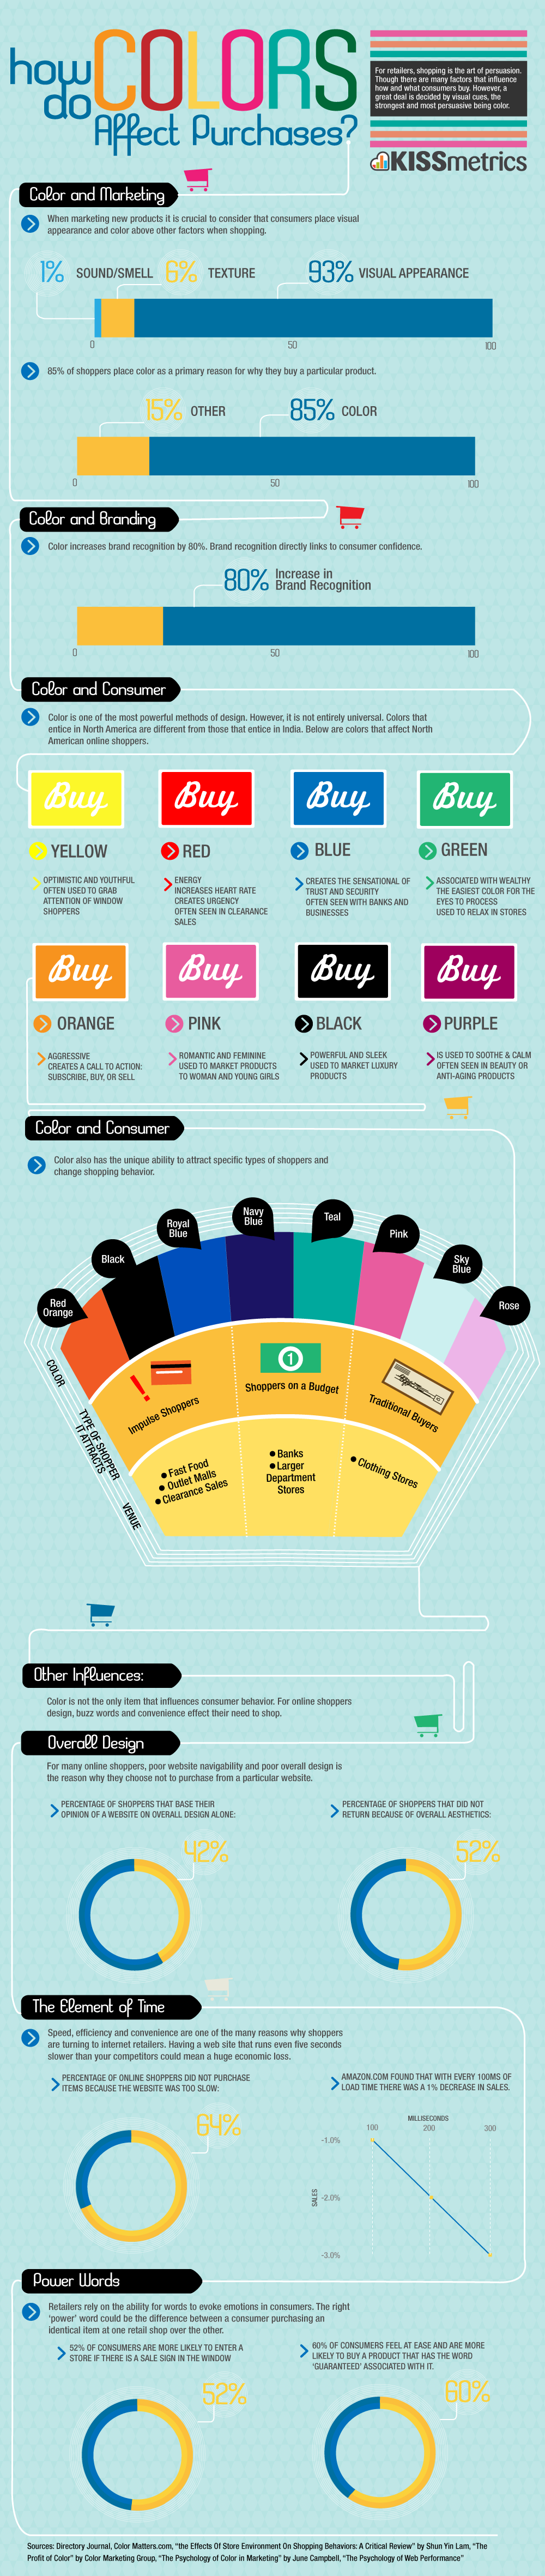 L'influenza dei colori nelle nostre decisioni di acquisto (infografica)